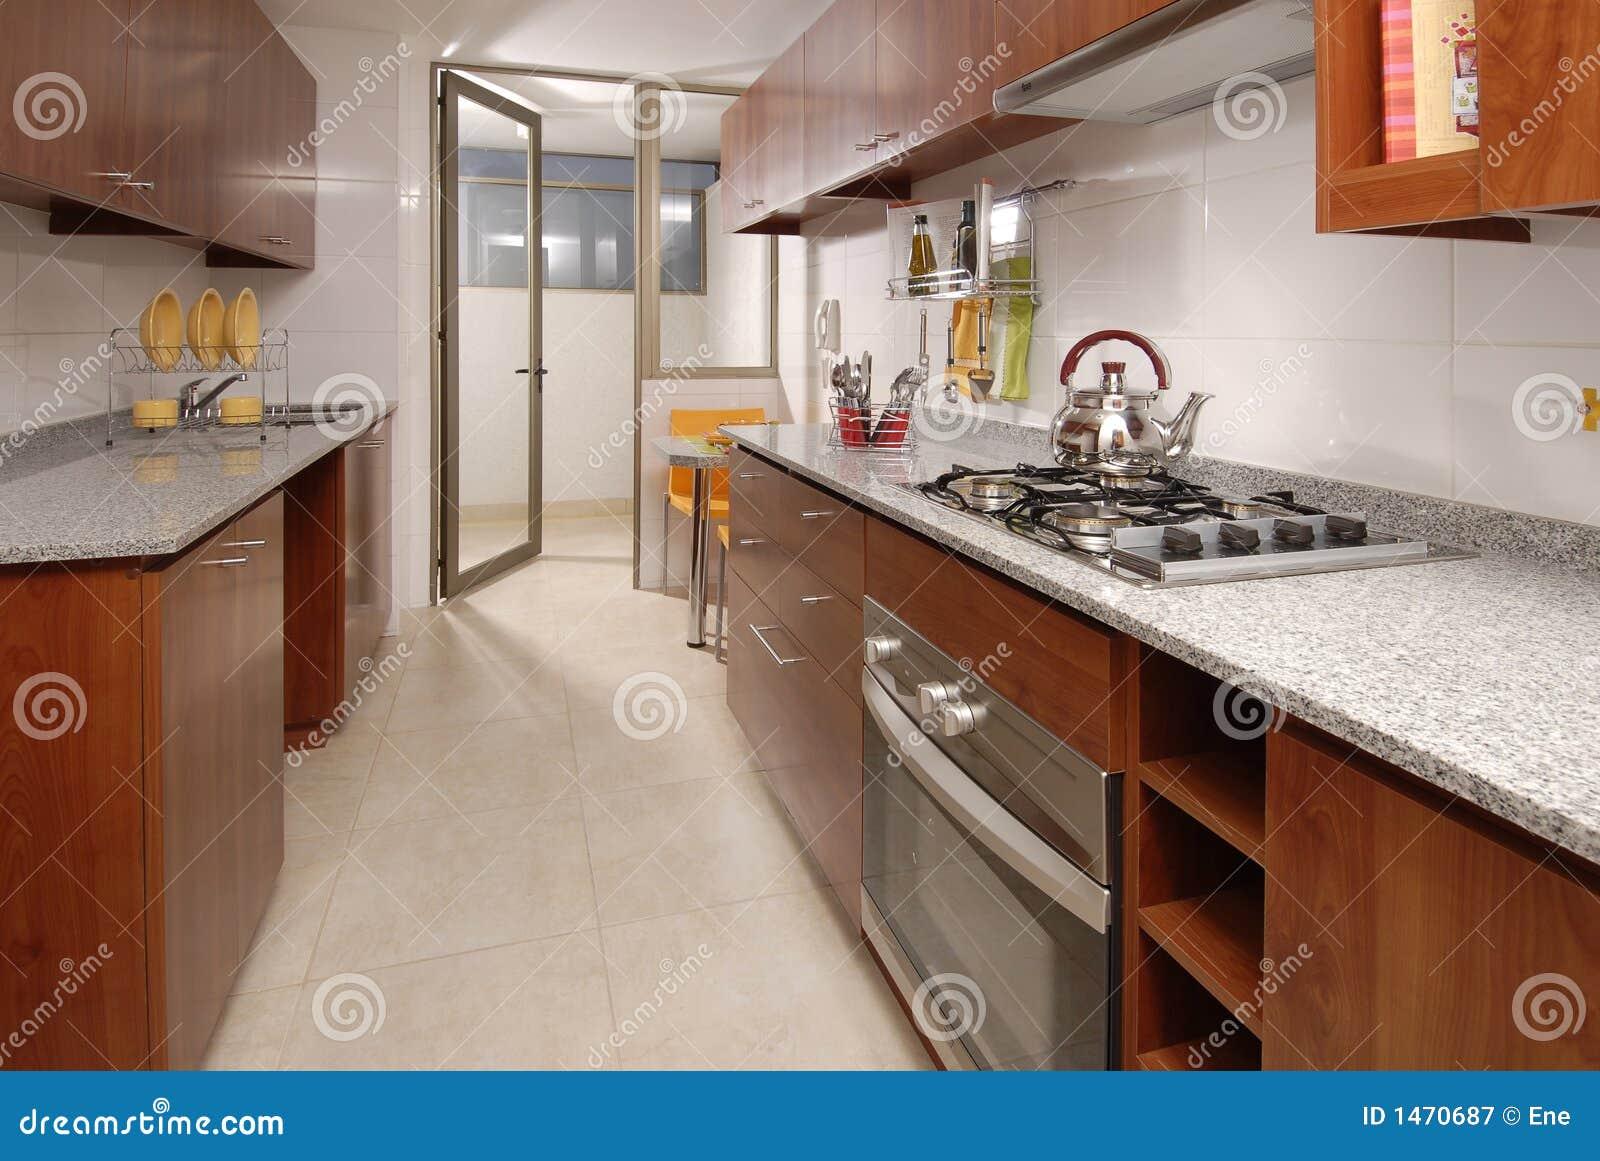 Cuisine d 39 appartement photographie stock libre de droits image 1470687 - Cuisine d appartement ...